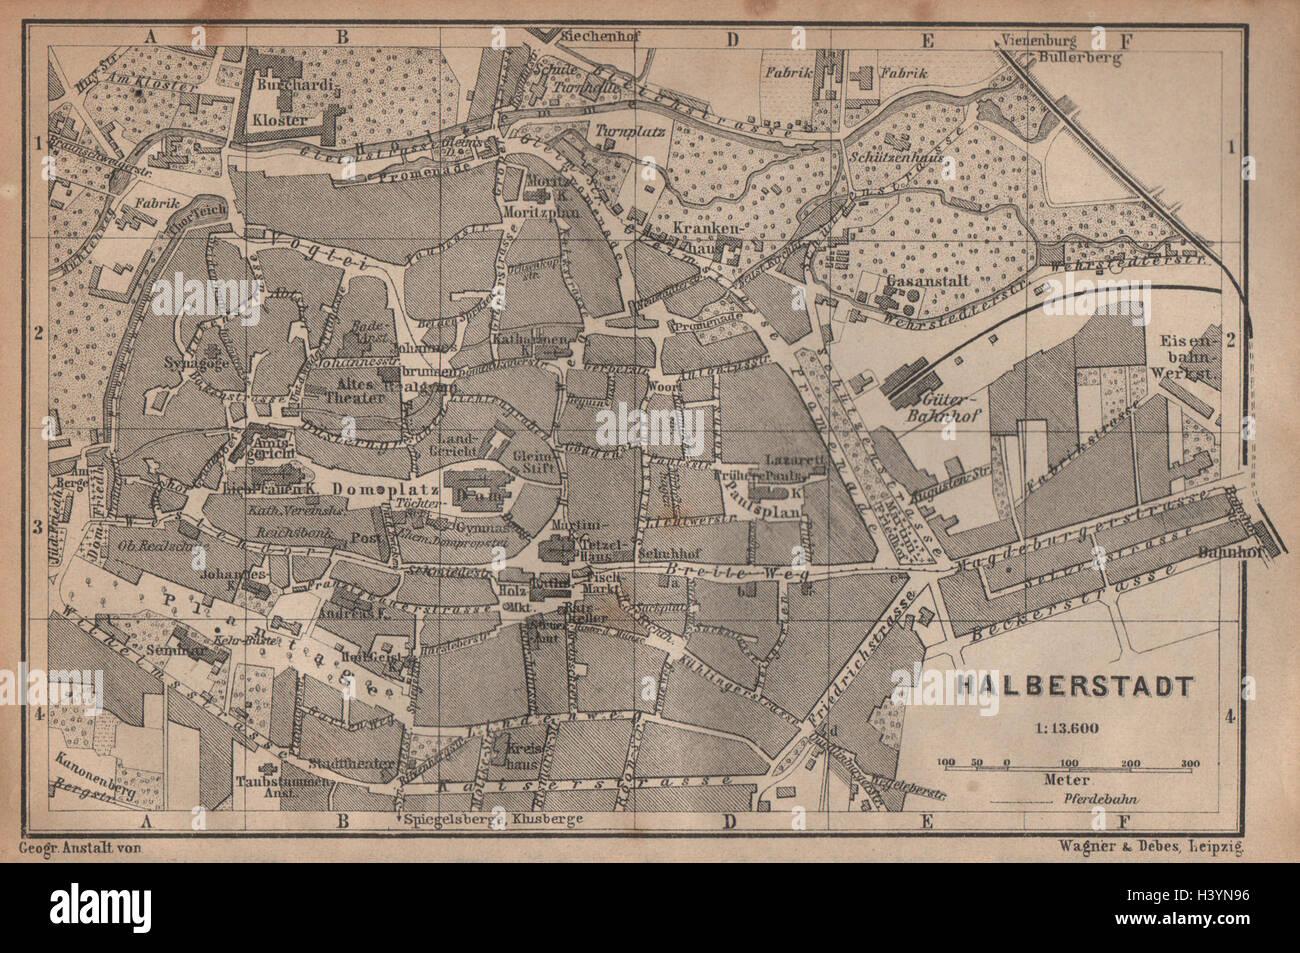 HALBERSTADT antique town city stadtplan. Saxony-Anhalt karte Stock ...